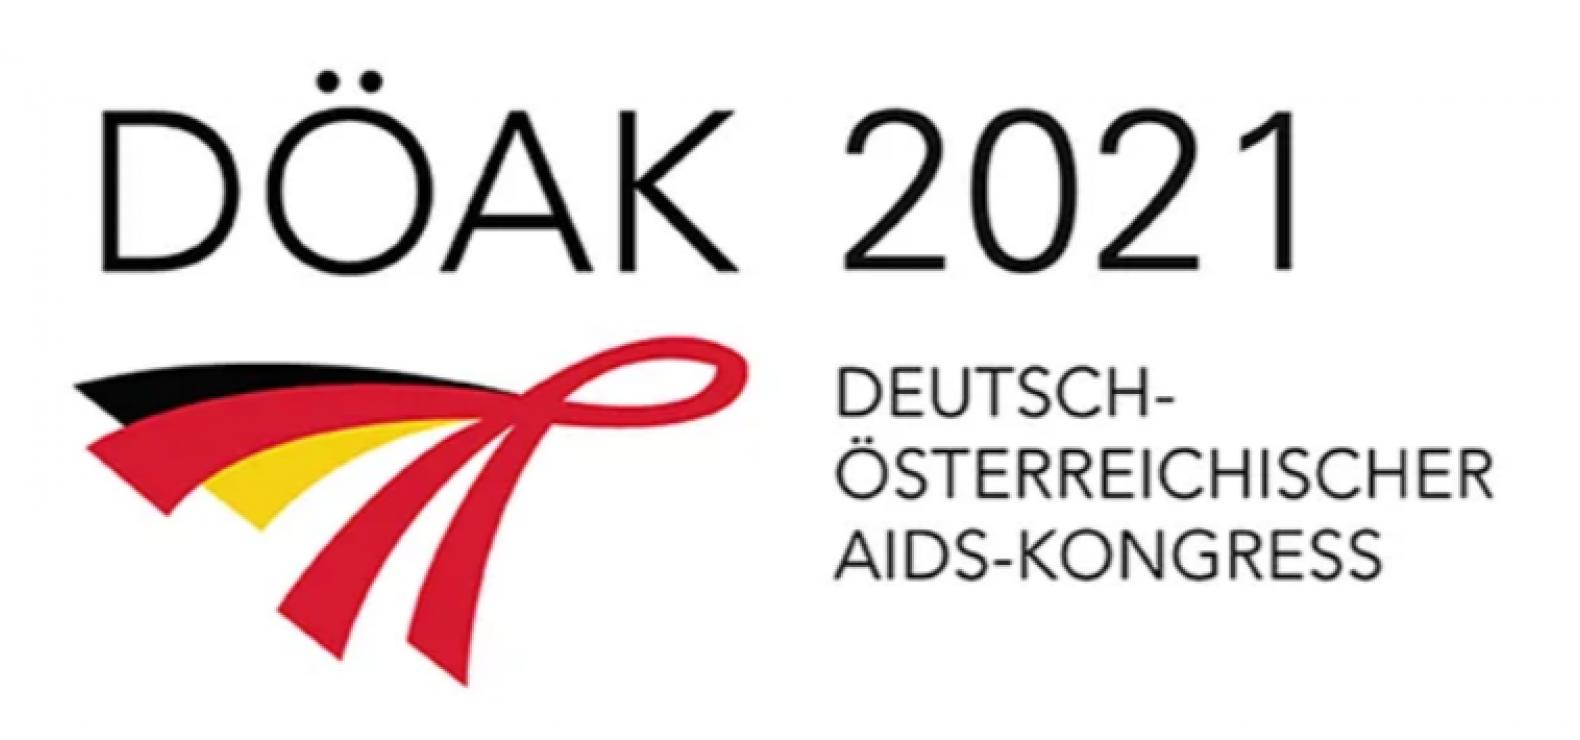 Das Logo vom DÖAK 2021 - Deutsch-Österreichische Aids-Kongress